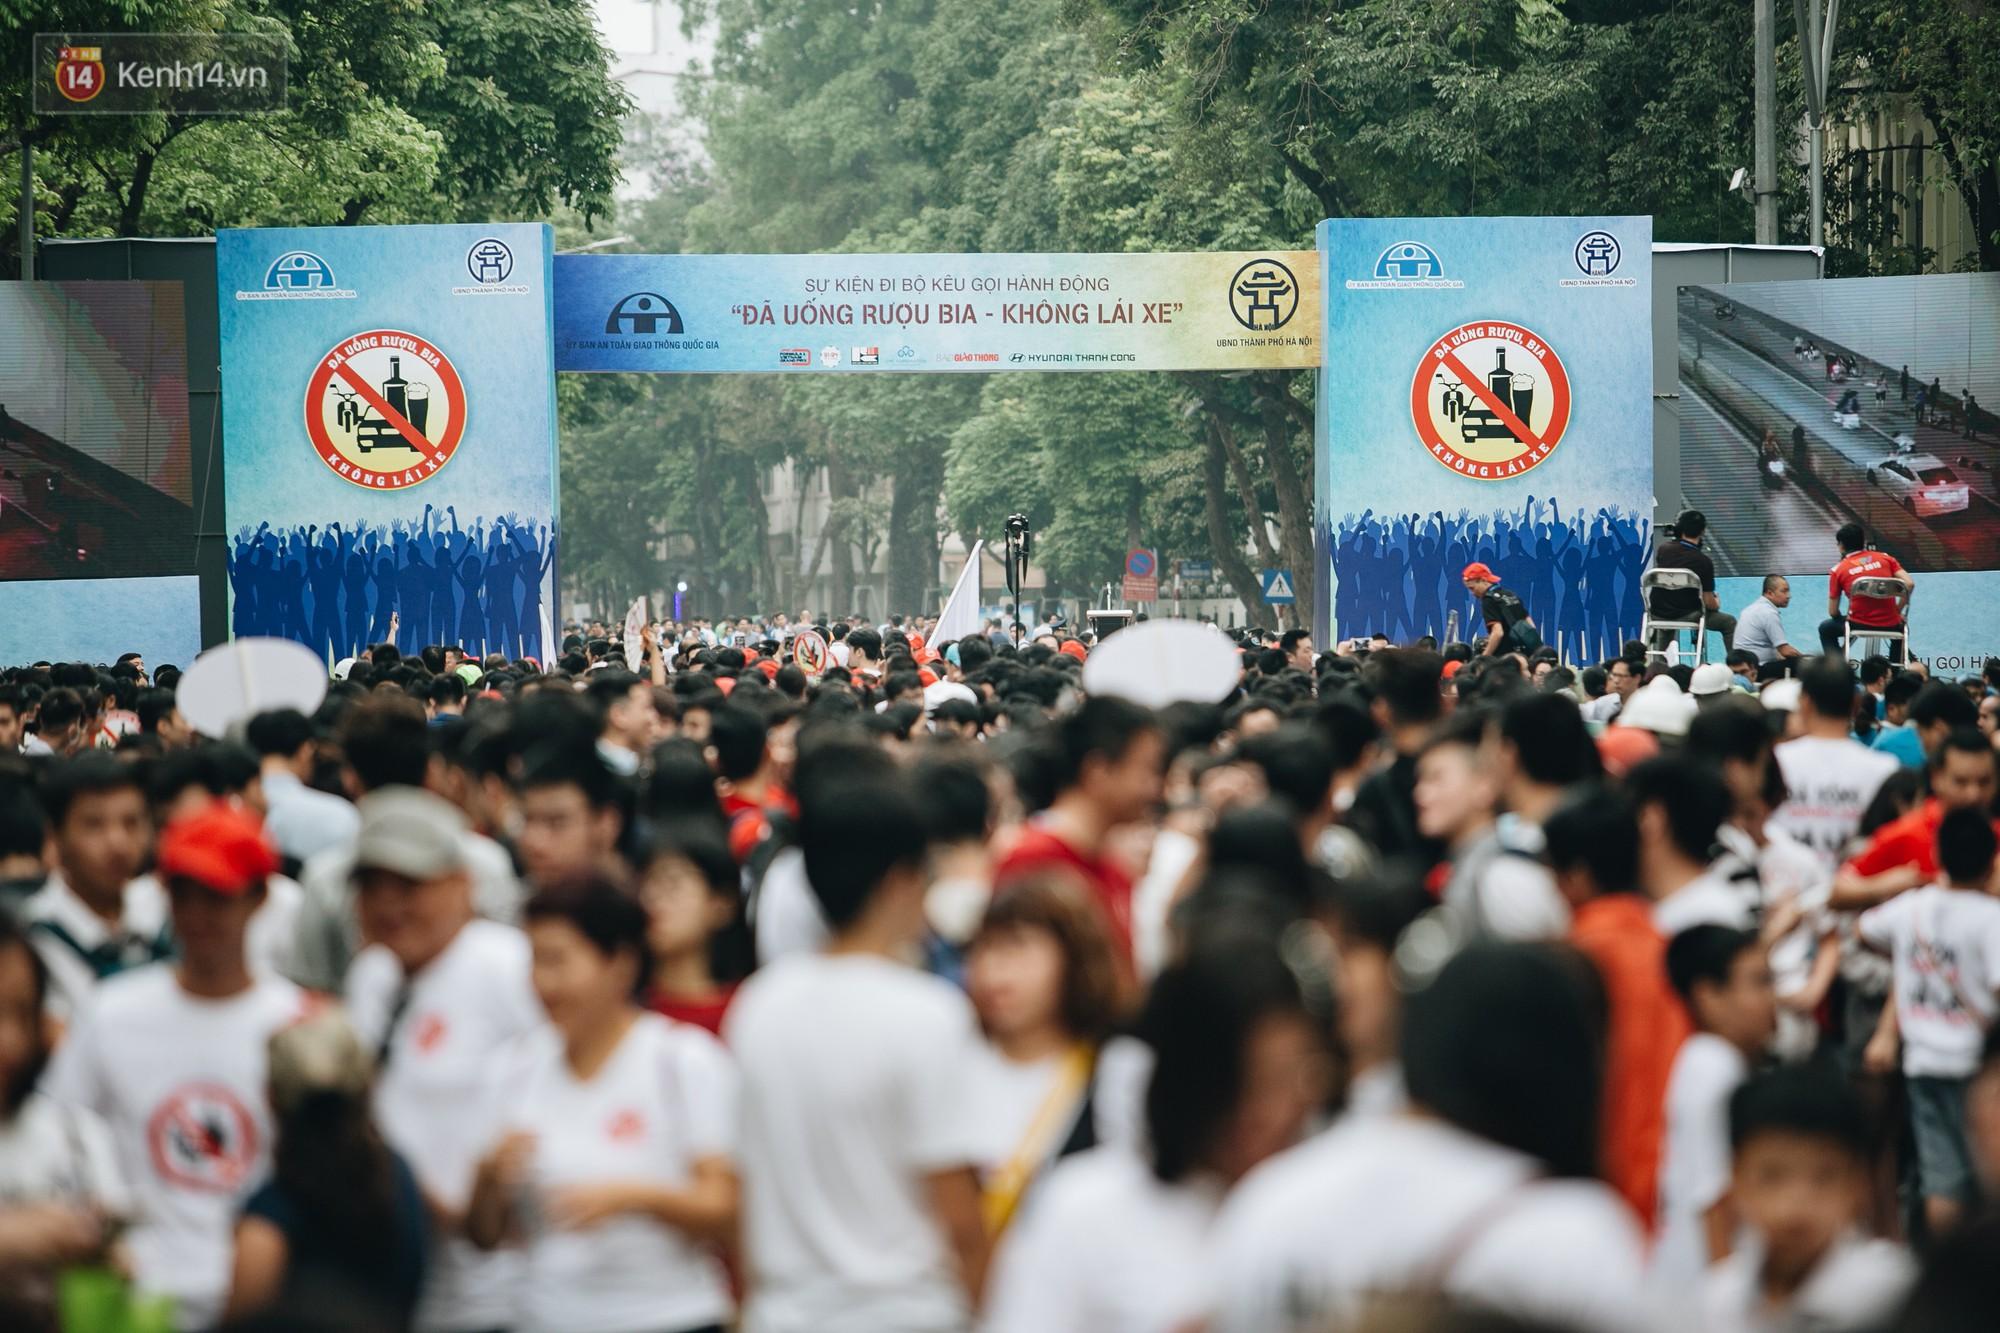 Chùm ảnh: 8.000 người mang logo Đã uống rượu bia - Không lái xe cùng tuần hành trên phố đi bộ Hồ Gươm - Ảnh 1.